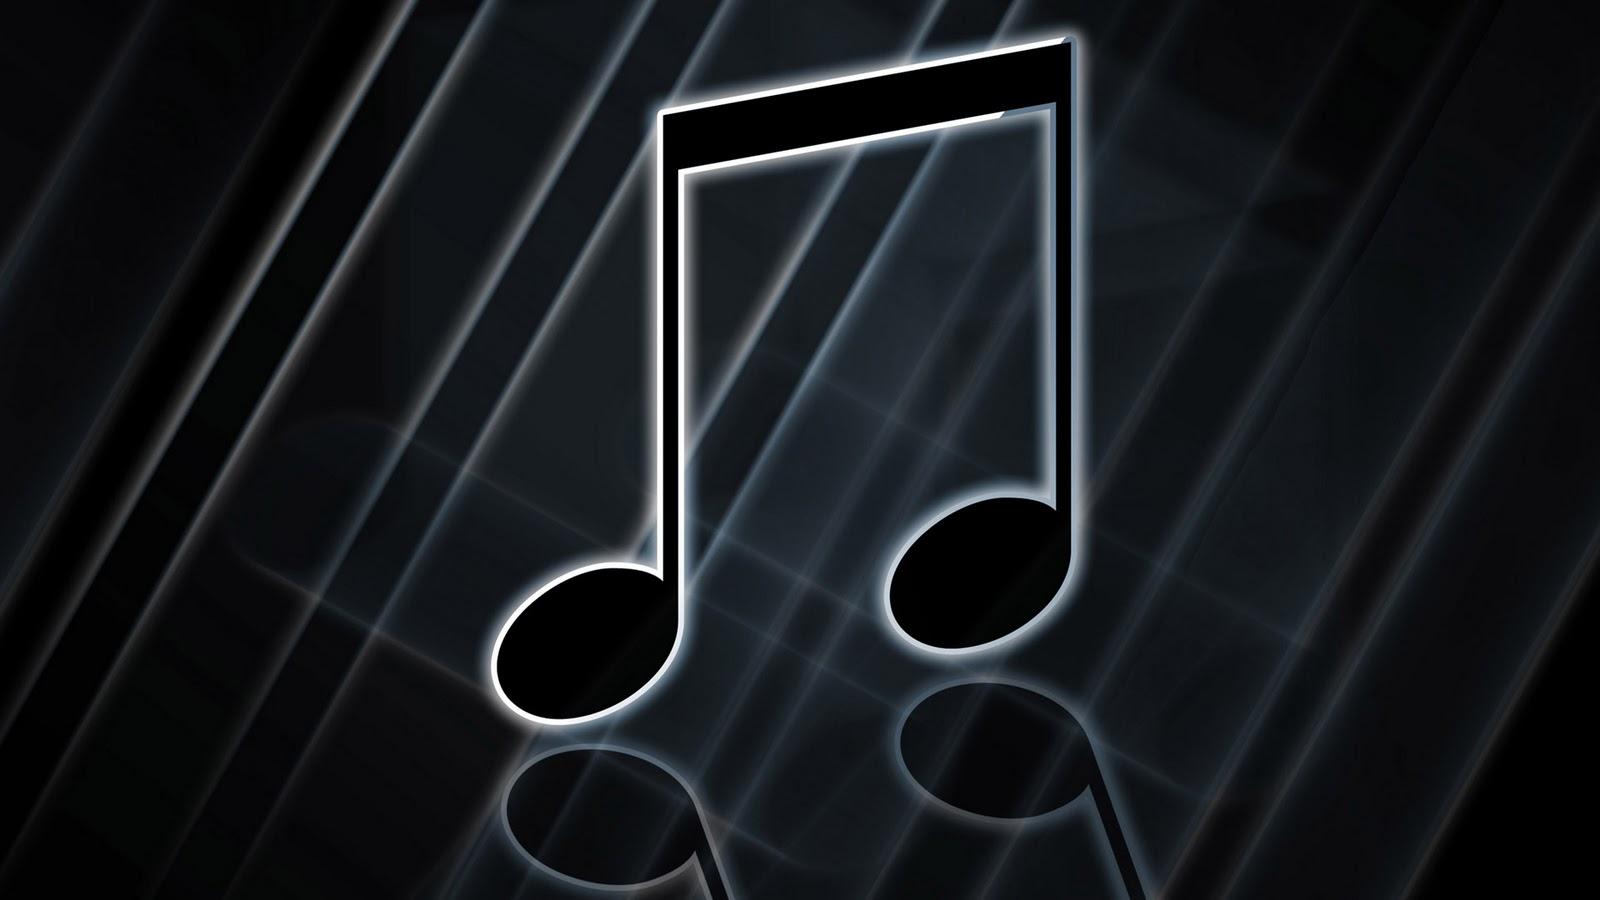 http://3.bp.blogspot.com/-Dq95cwS_1uQ/Tp6-R03MK4I/AAAAAAAAGUo/Ko-yNNyhV6Q/s1600/abstract+desktop+wallpaper+music-2.jpg